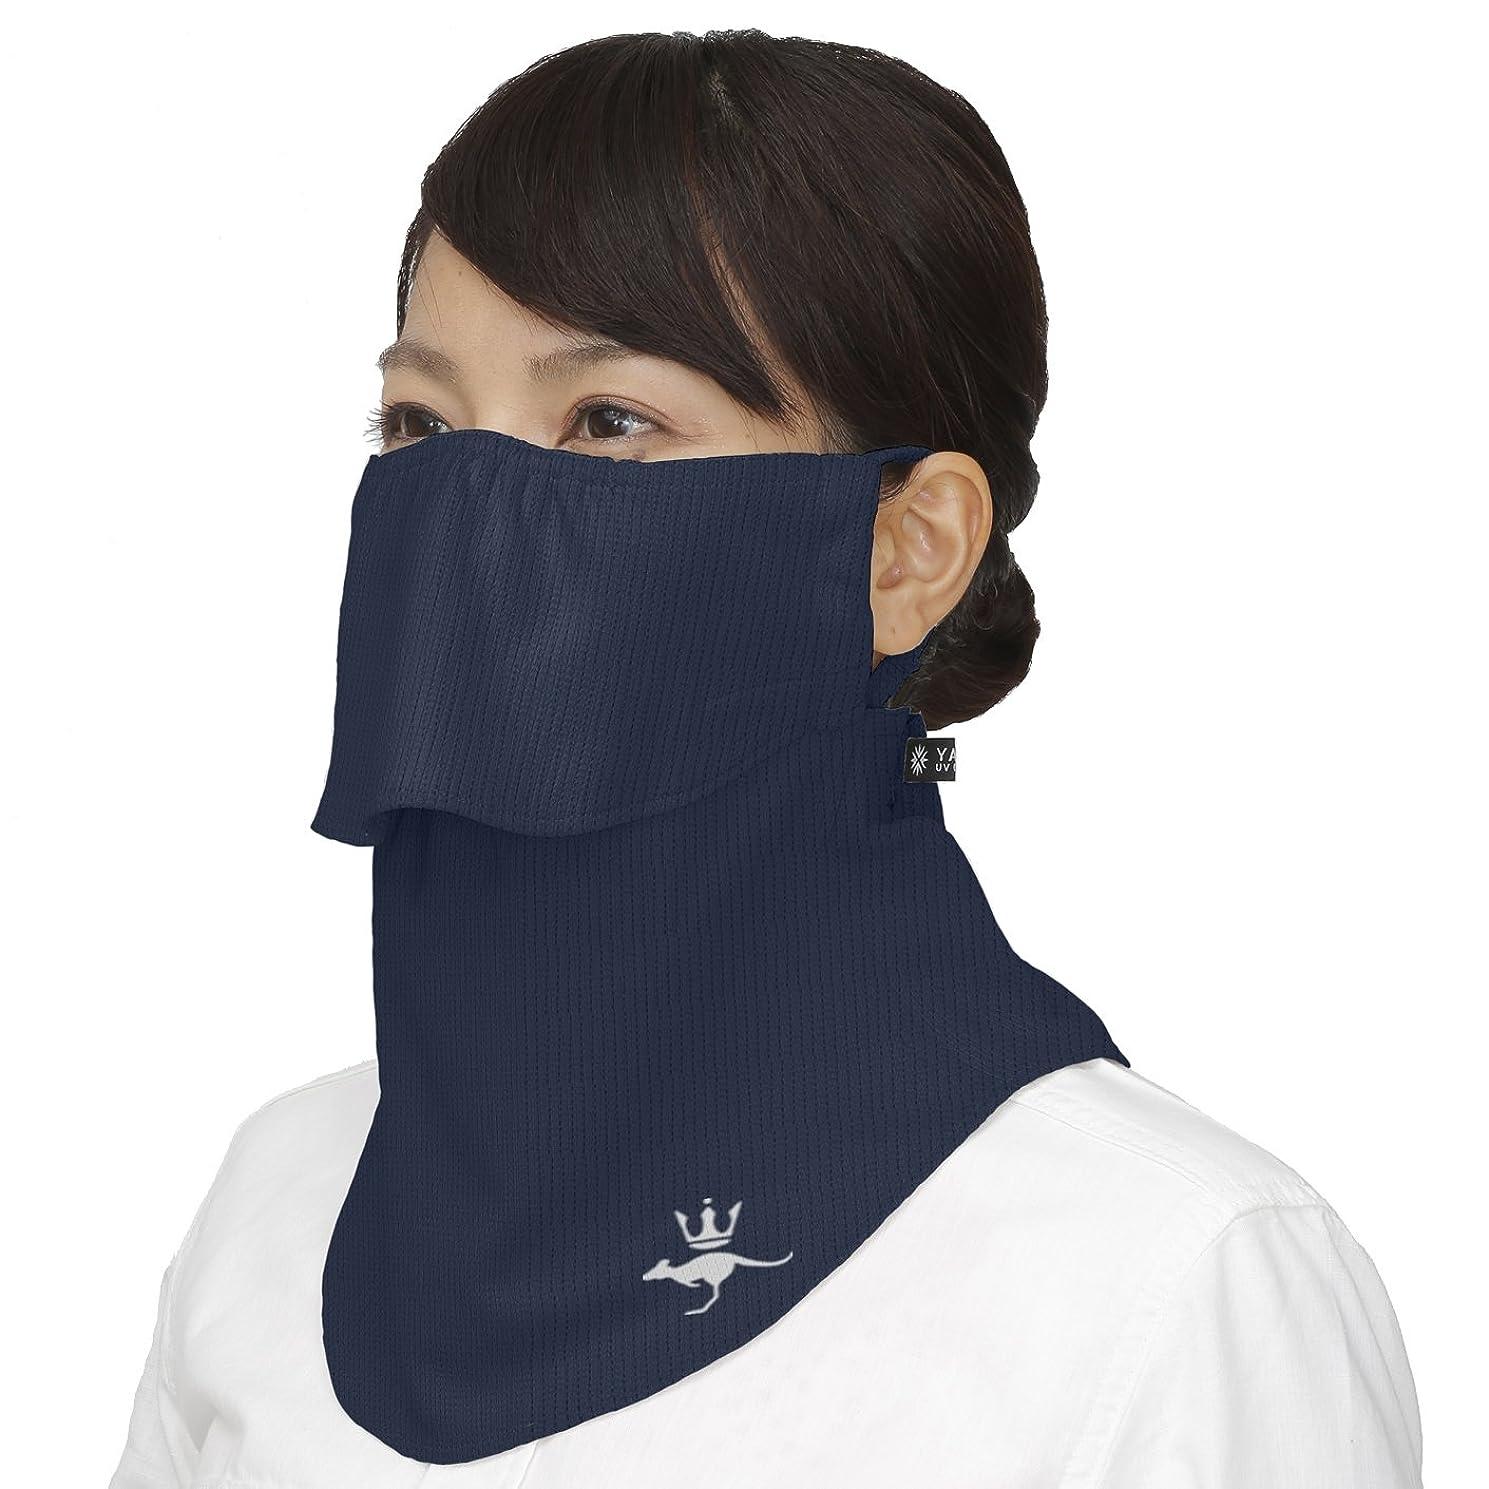 非常に怒っています前部調子(シンプソン)Simpson 息苦しくない 紫外線防止 レディース 日焼け防止 UVカット フェイスマスク フェイスカバー STA-M02